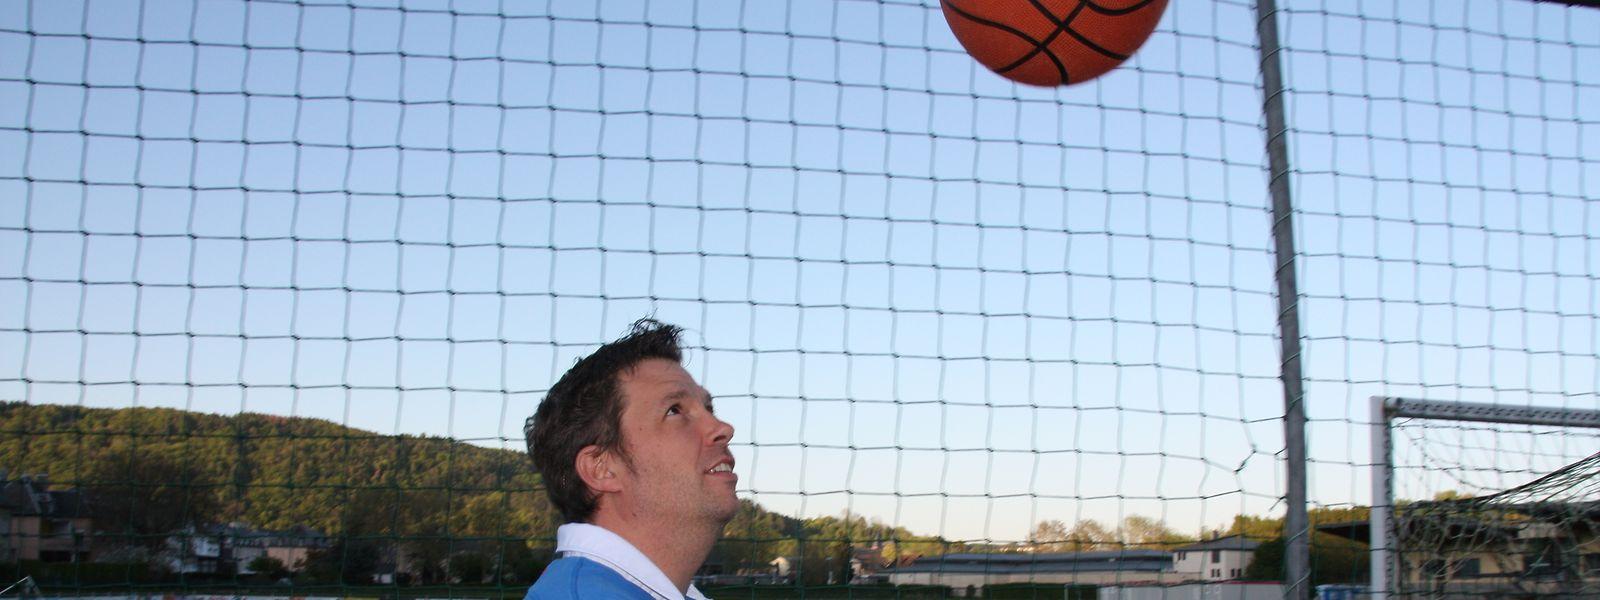 Den Basketball stets im Blick: Christophe Ney freut sich auf seine neue Aufgabe.